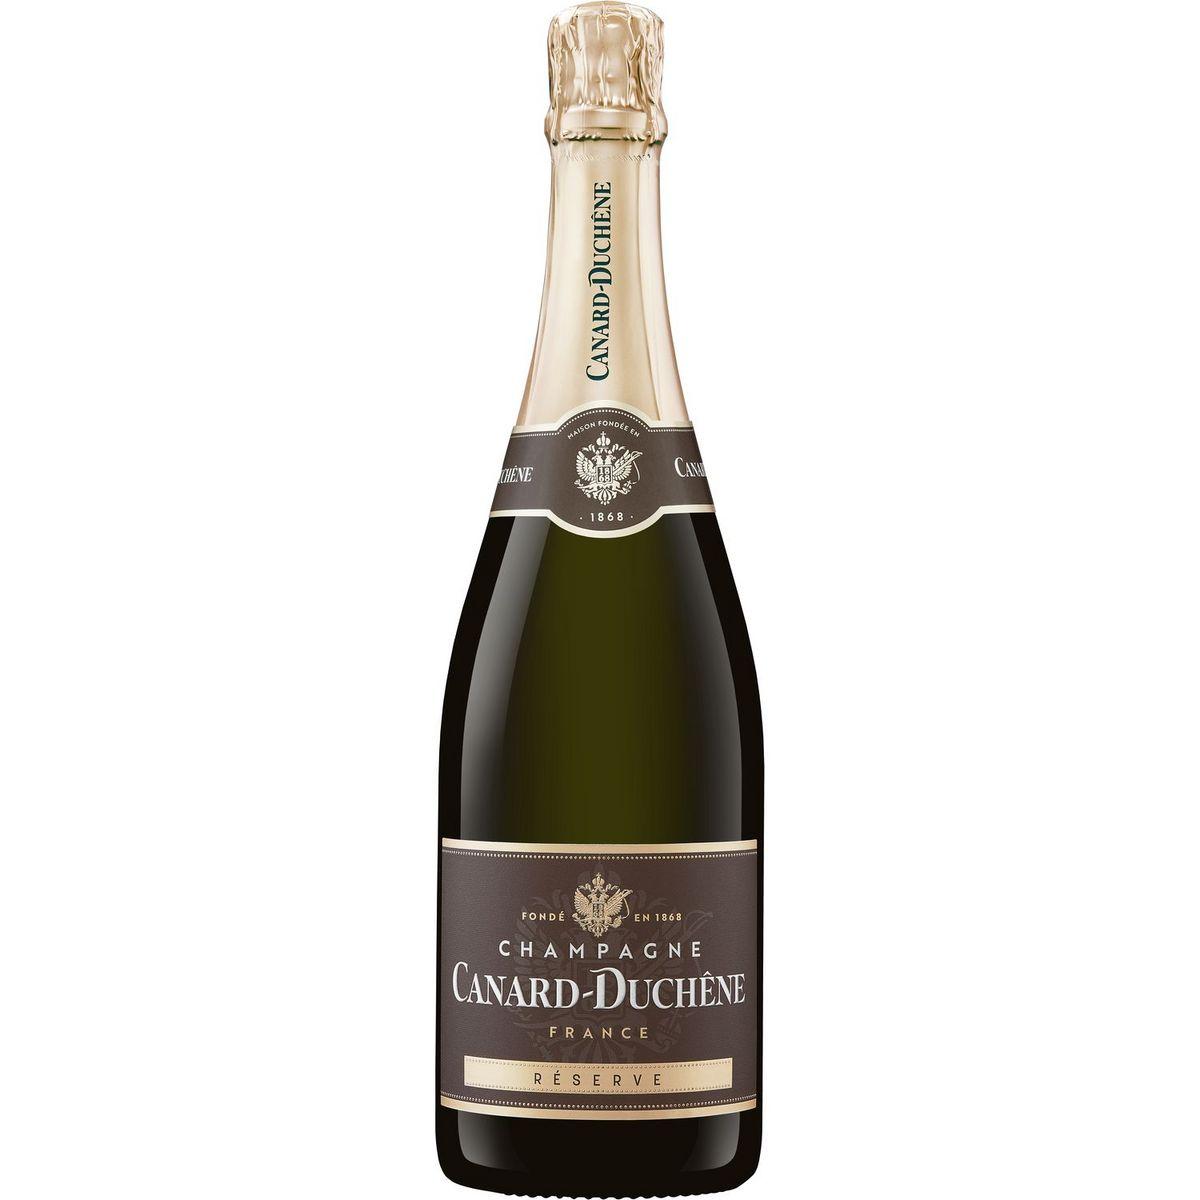 AOP Champagne brut Canard-Duchêne réserve